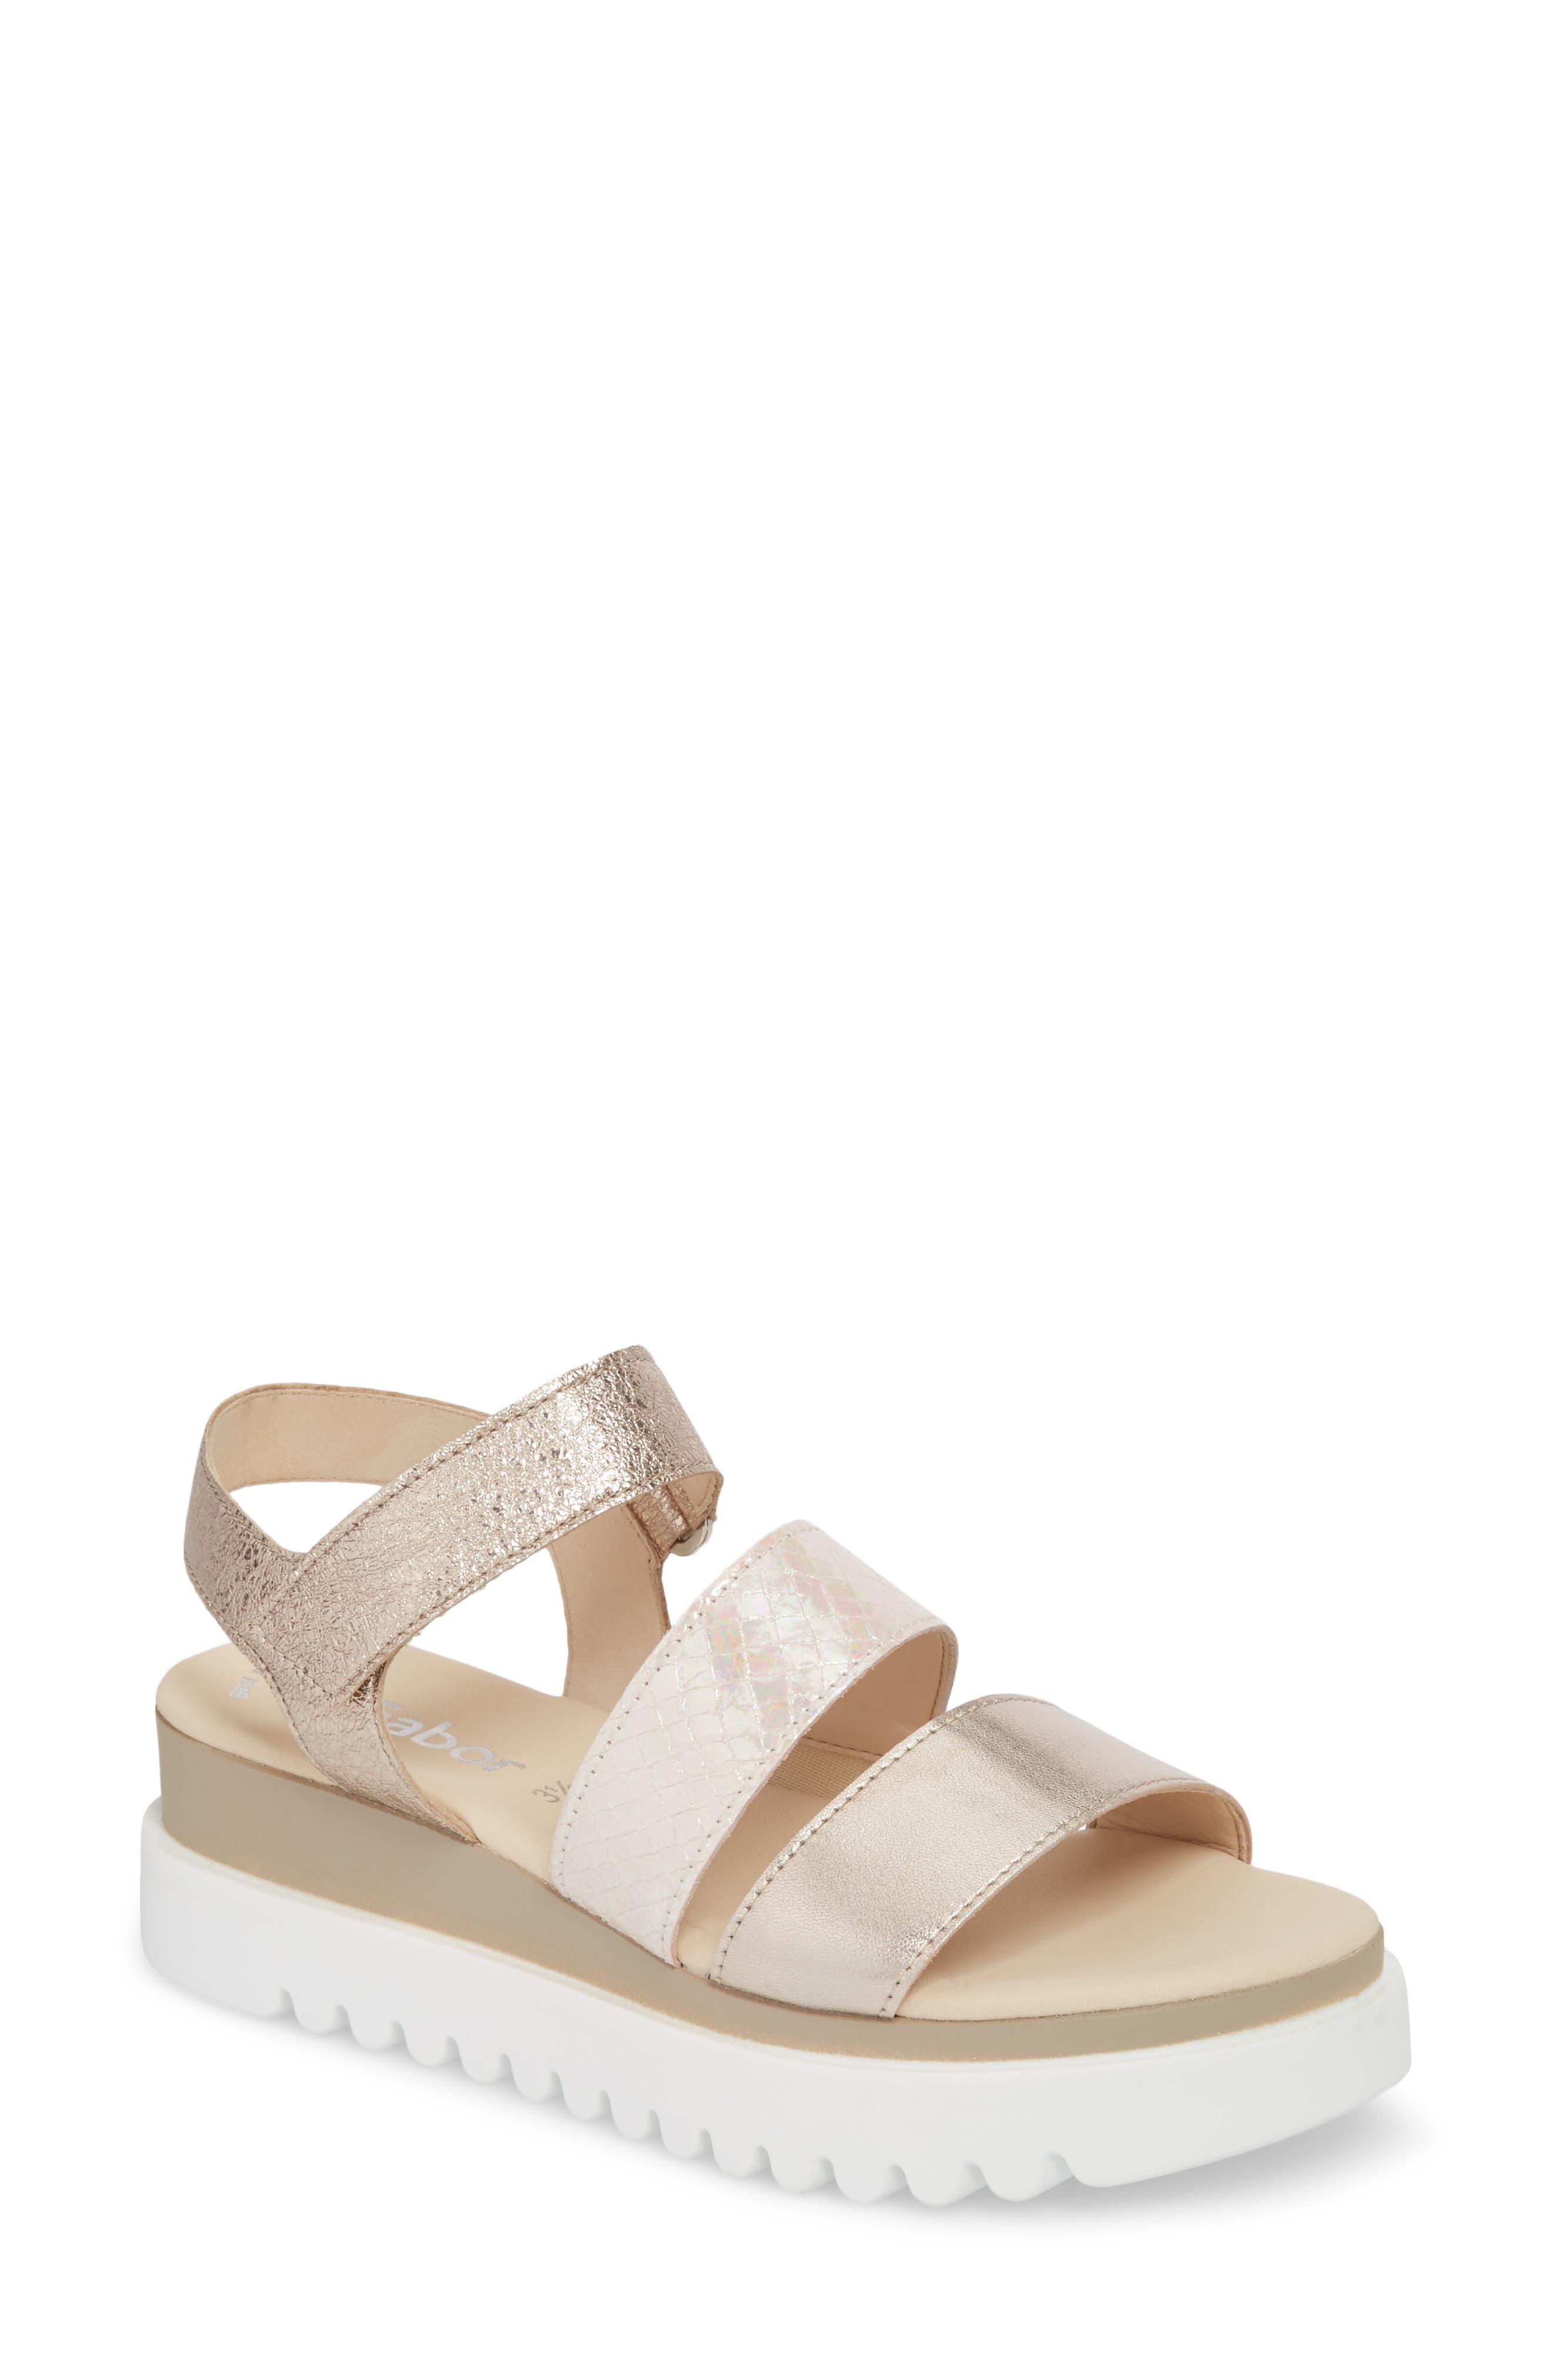 Gabor Layered Platform Sandal (Women)